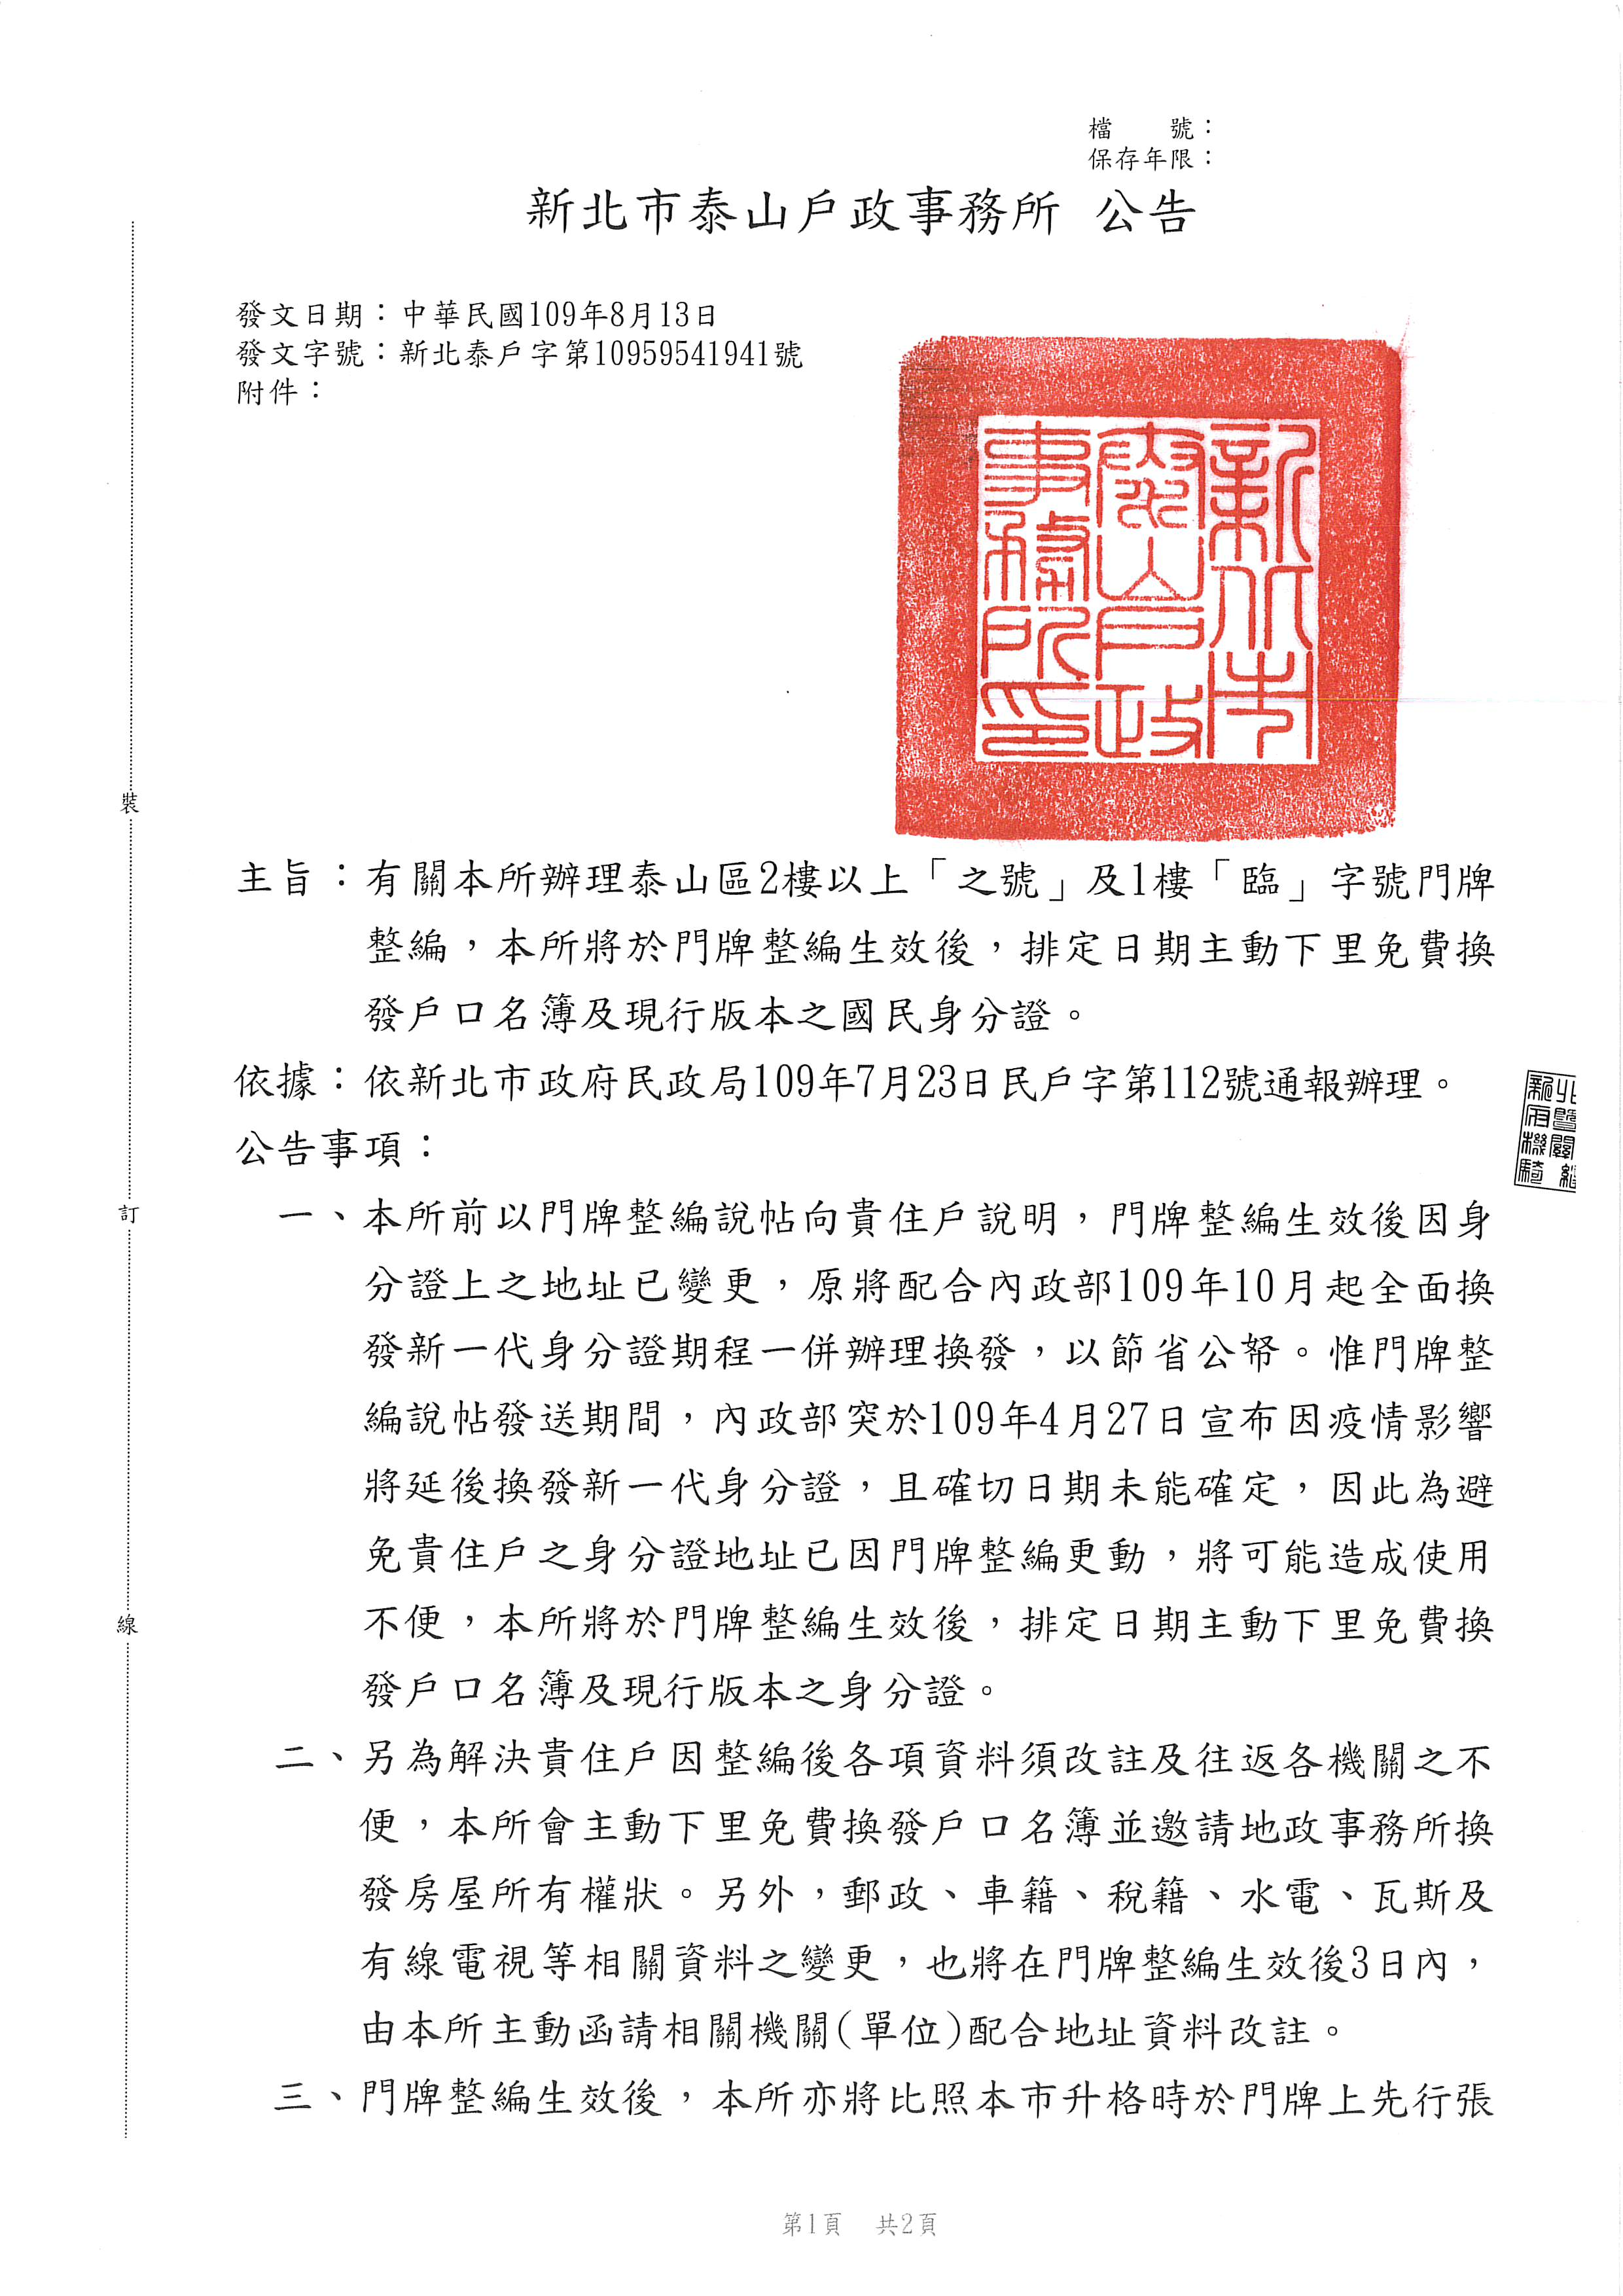 泰山戶政事務所公告P1